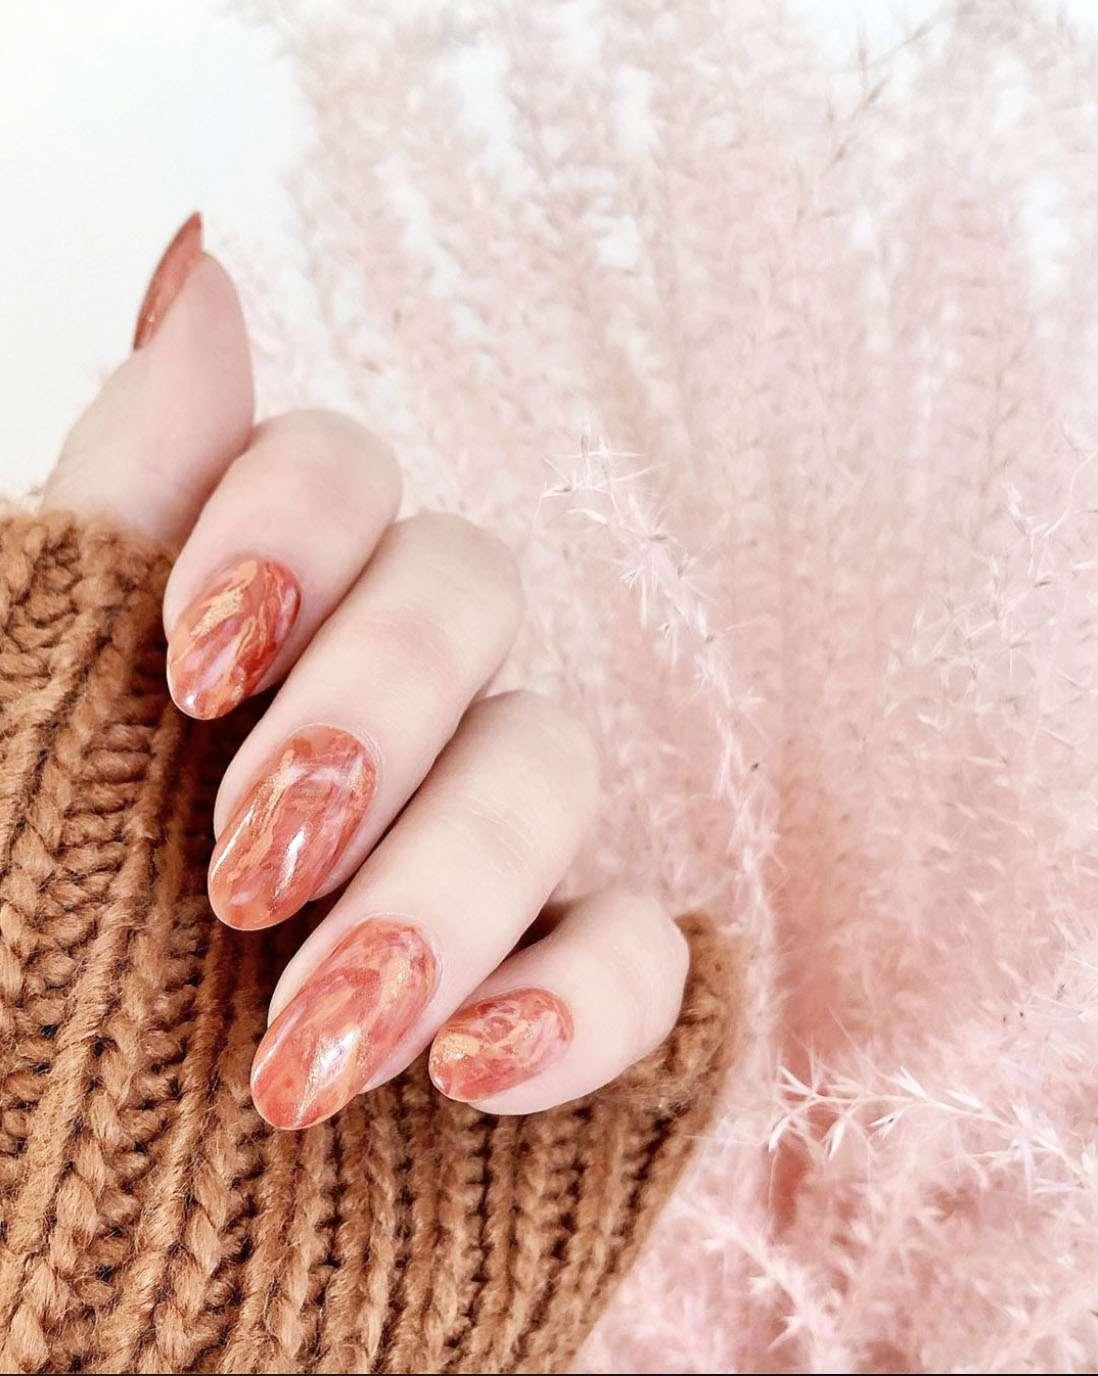 17 Surefire Ways to Make Your Manicure Last Longer